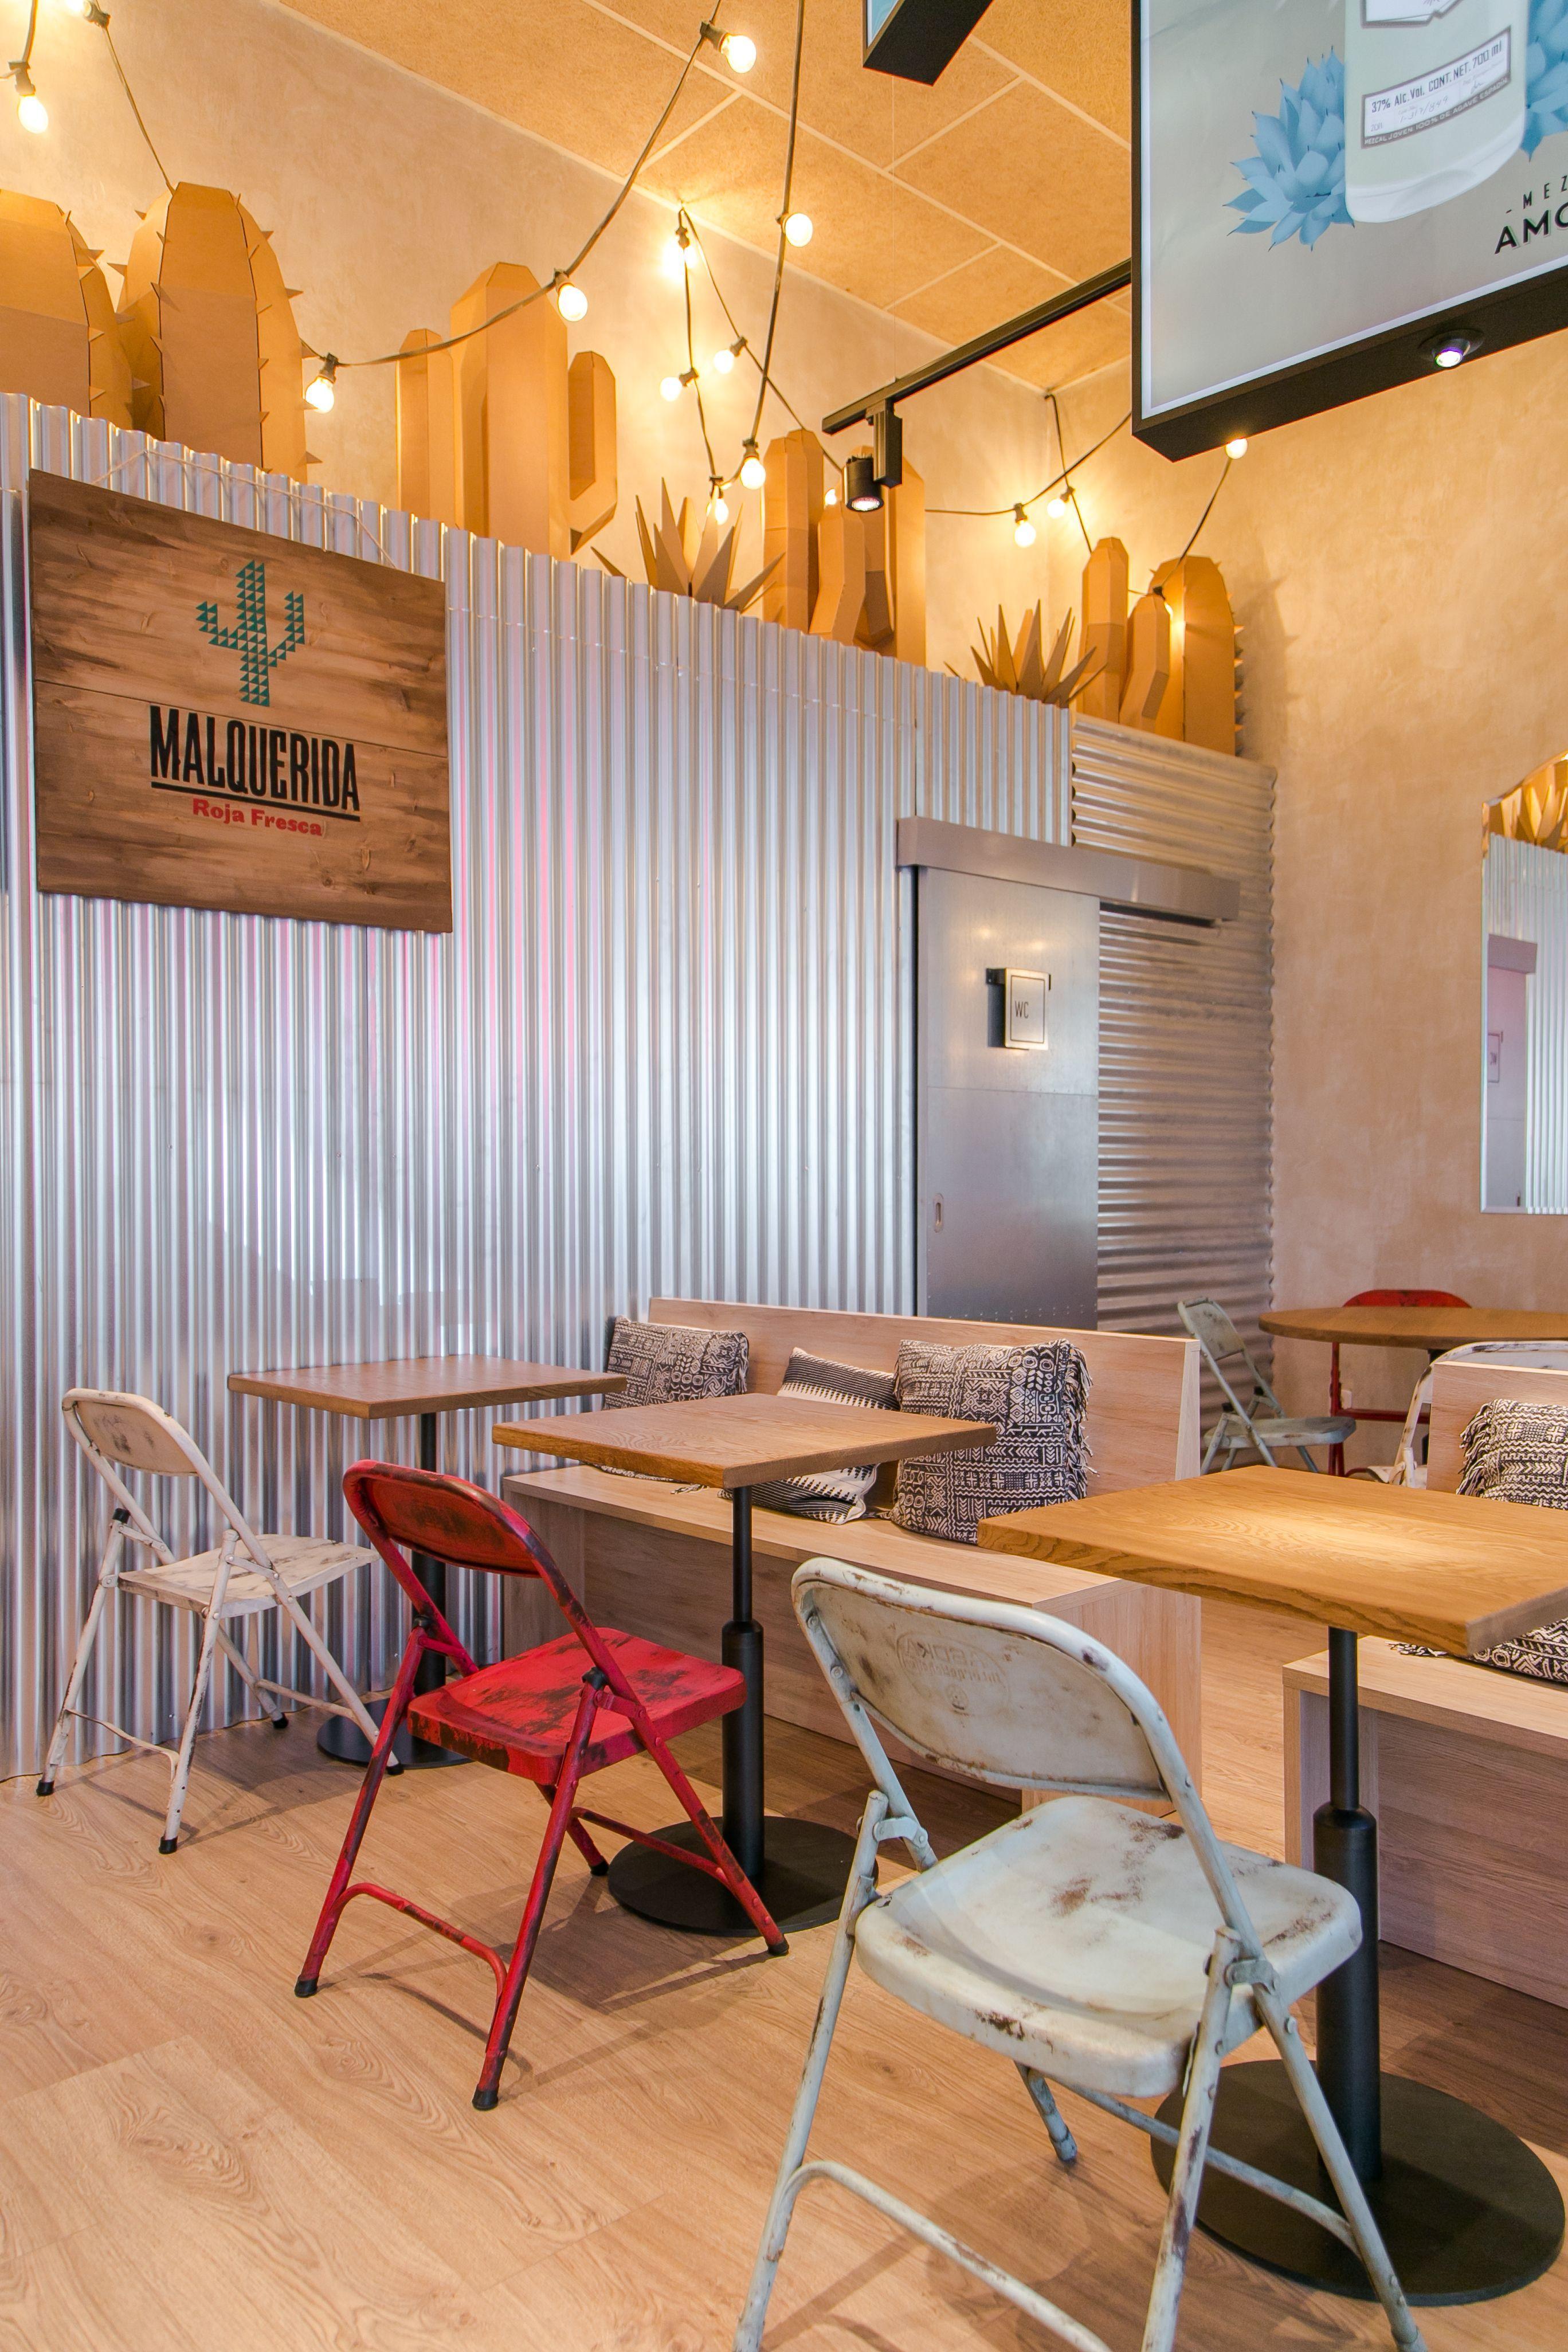 Casa coyote by ppt interiorismo design restaurant interiordesign decor restaurantdesign